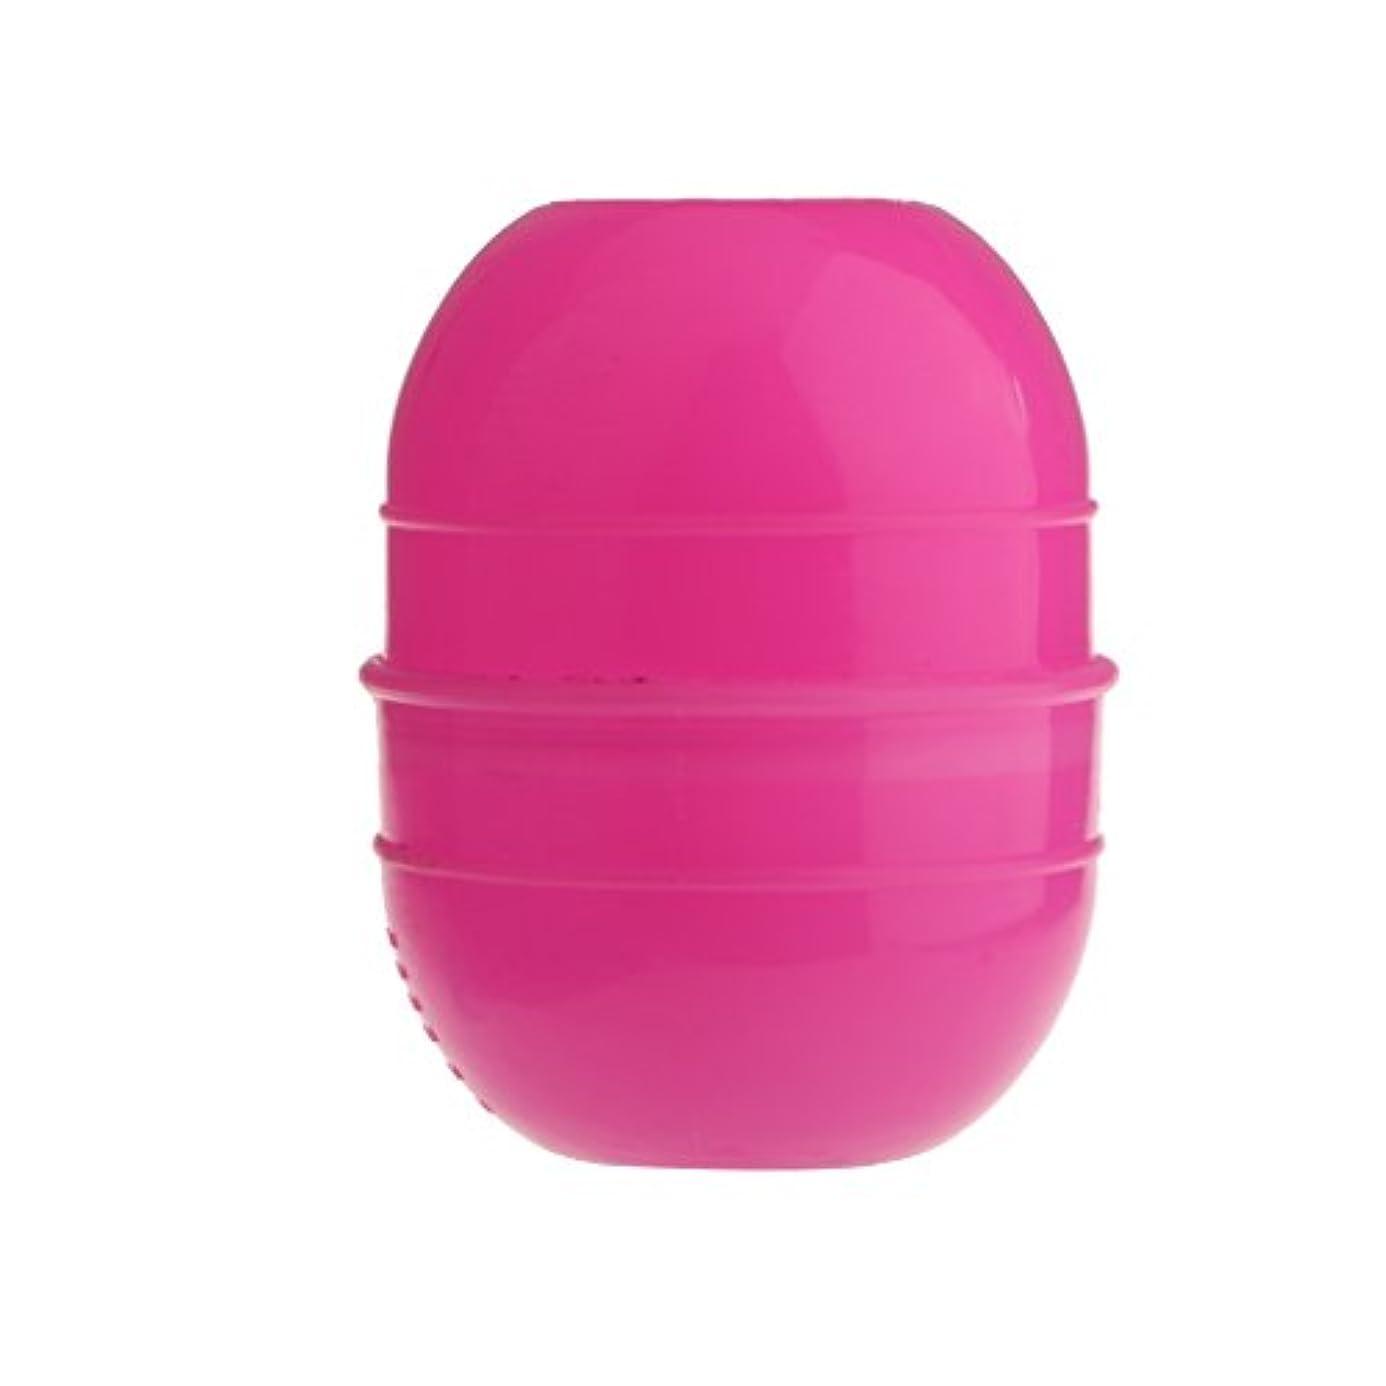 以内に夫位置づけるヘアカラー ボウル ヘアダイ カップ 色合いボウル 染料撹拌 プラスチック 全2色 - ローズレッド